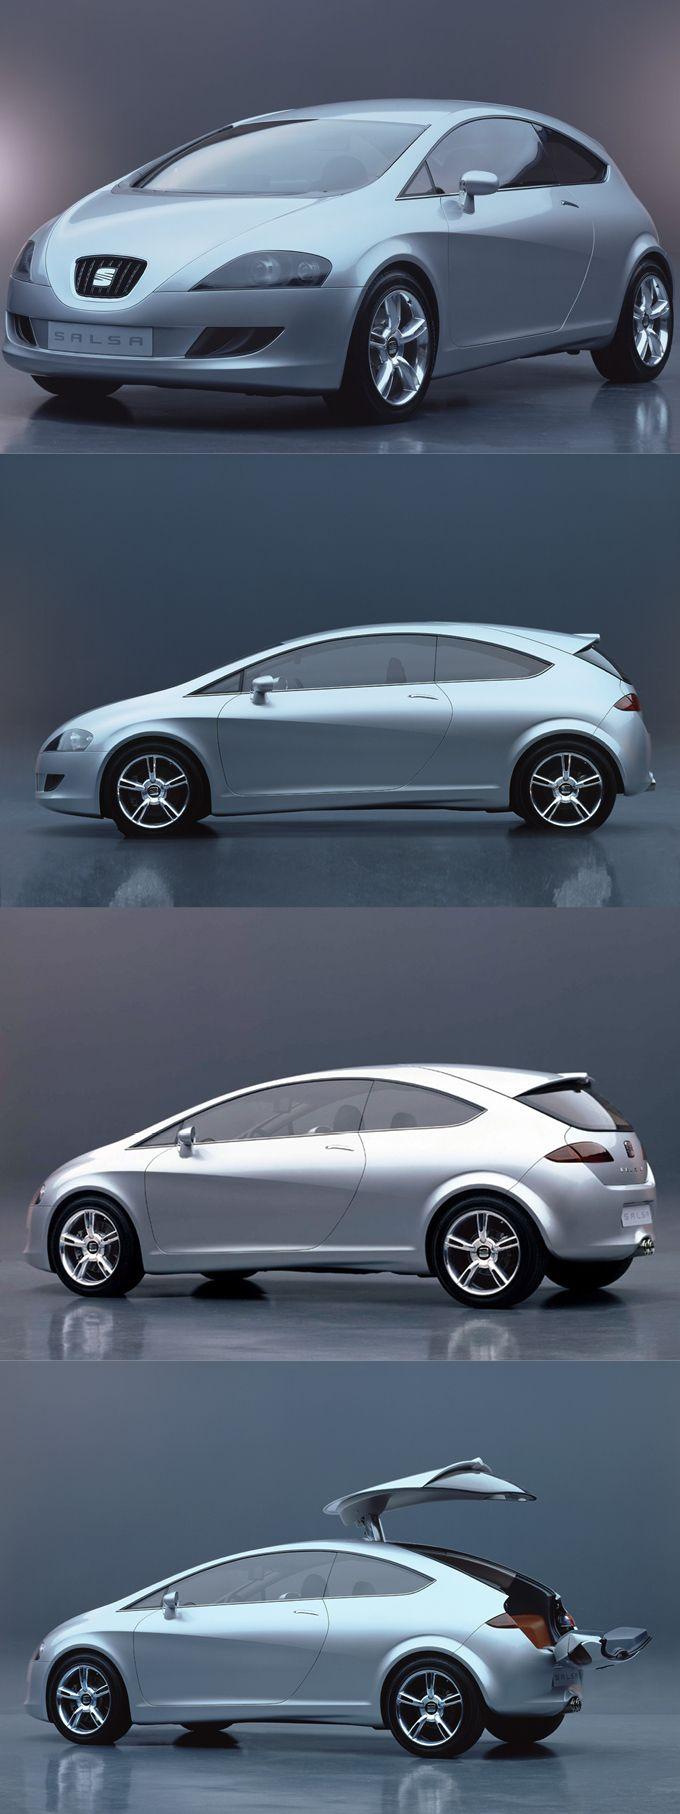 2000 Seat Salsa / Walter de Silva @ ItalDesign / concept León / Spain Italy / silver / 17-358